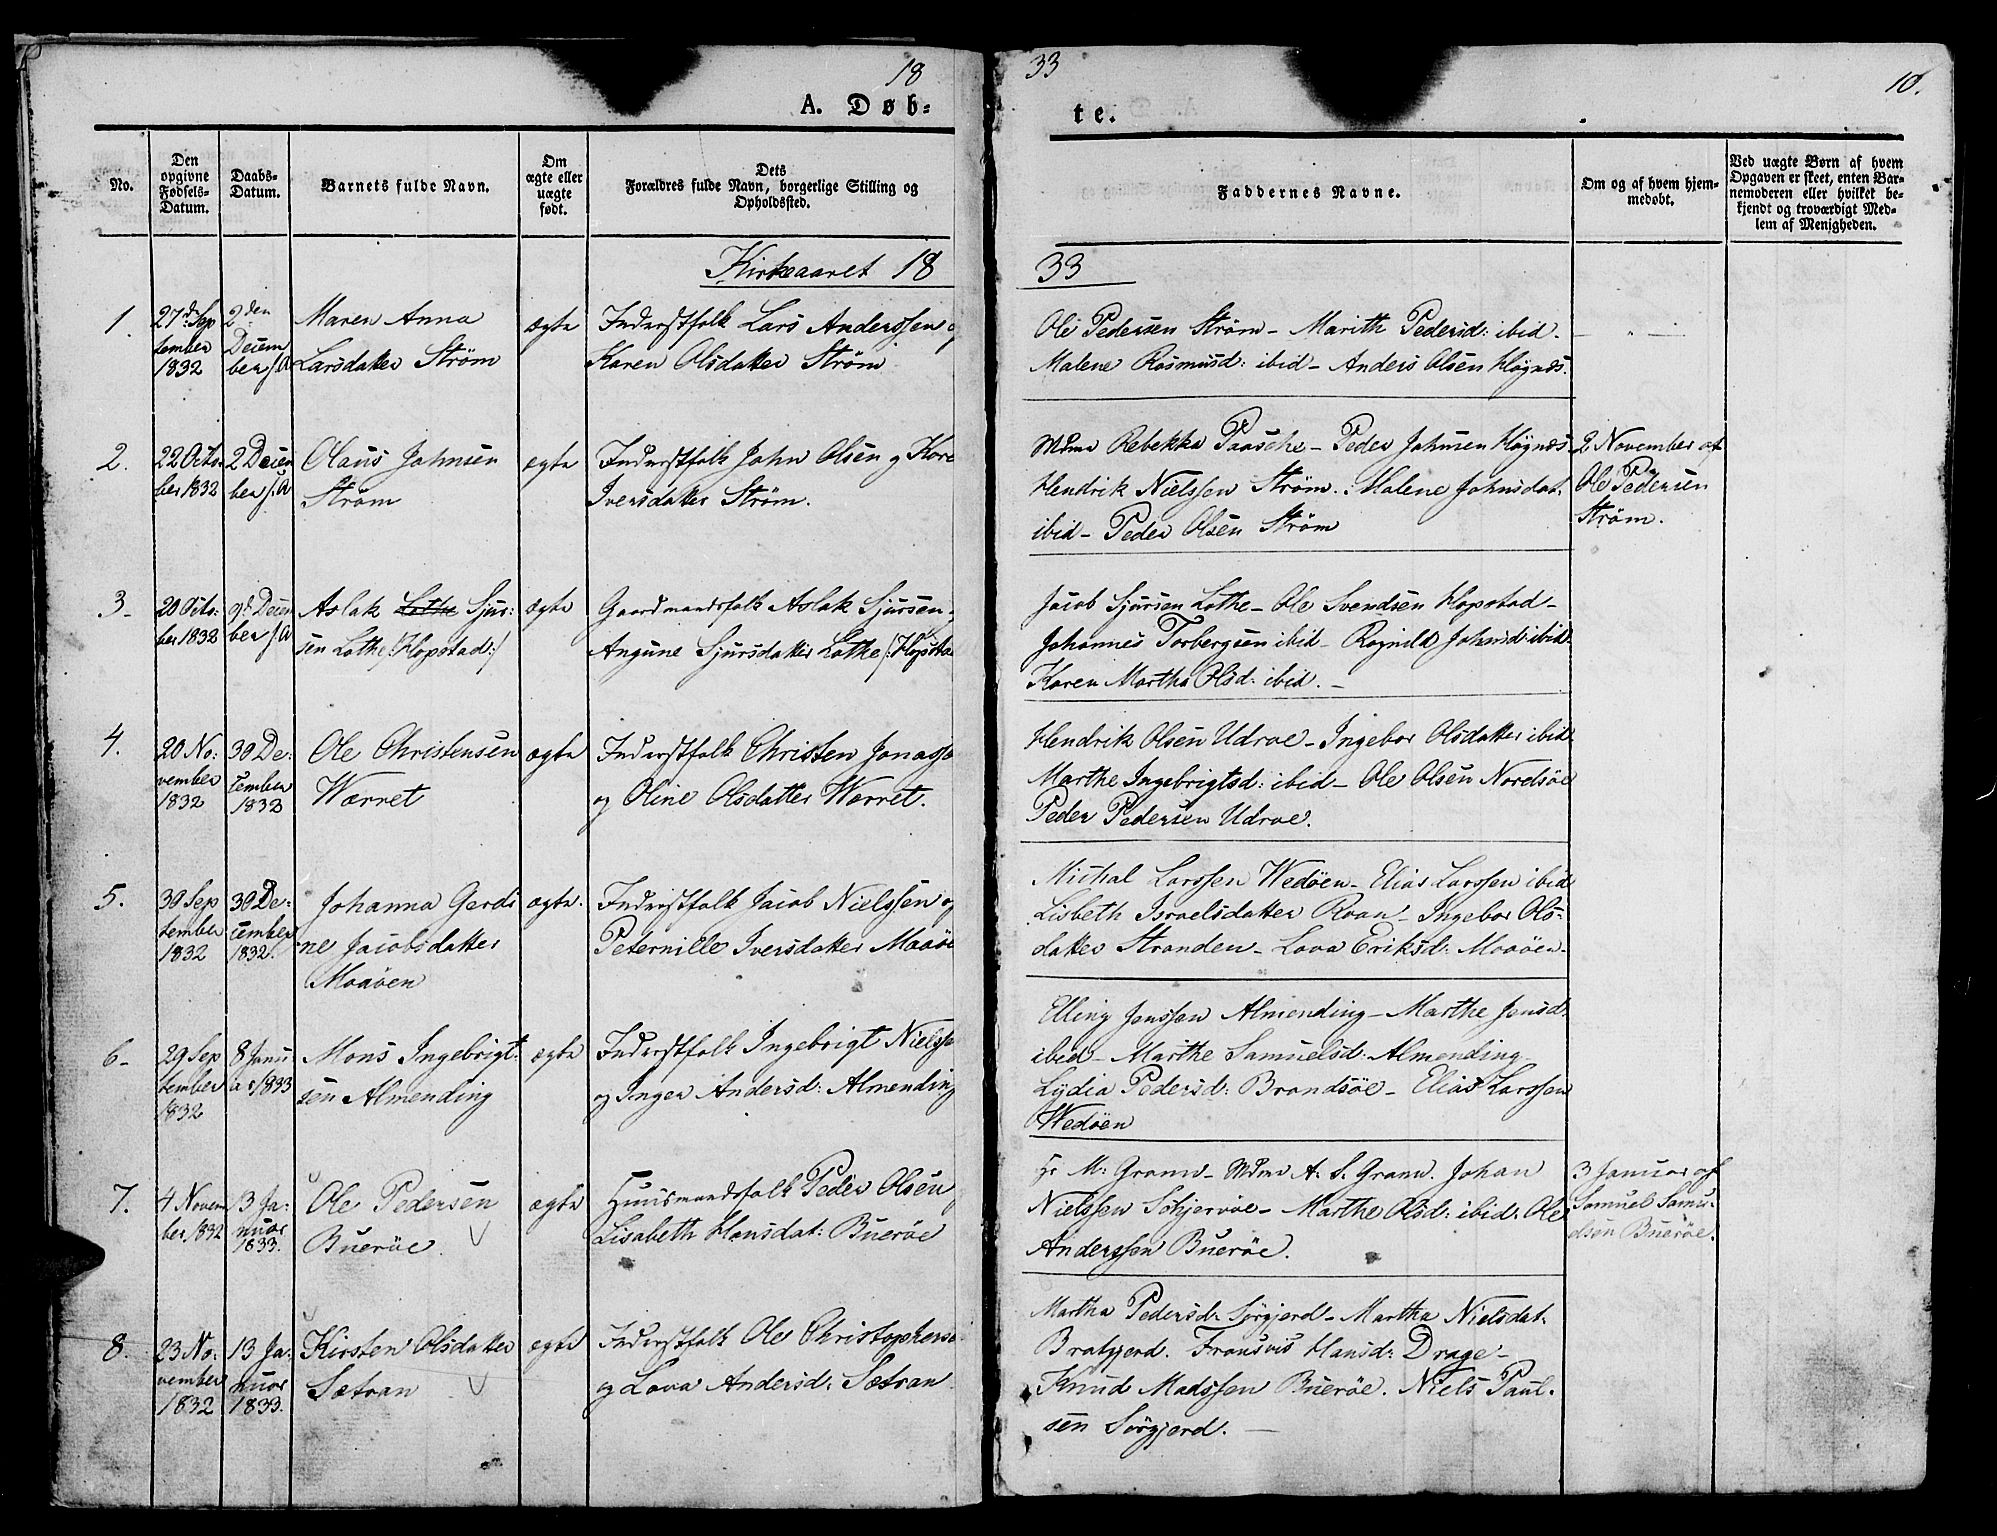 SAT, Ministerialprotokoller, klokkerbøker og fødselsregistre - Sør-Trøndelag, 657/L0703: Ministerialbok nr. 657A04, 1831-1846, s. 10